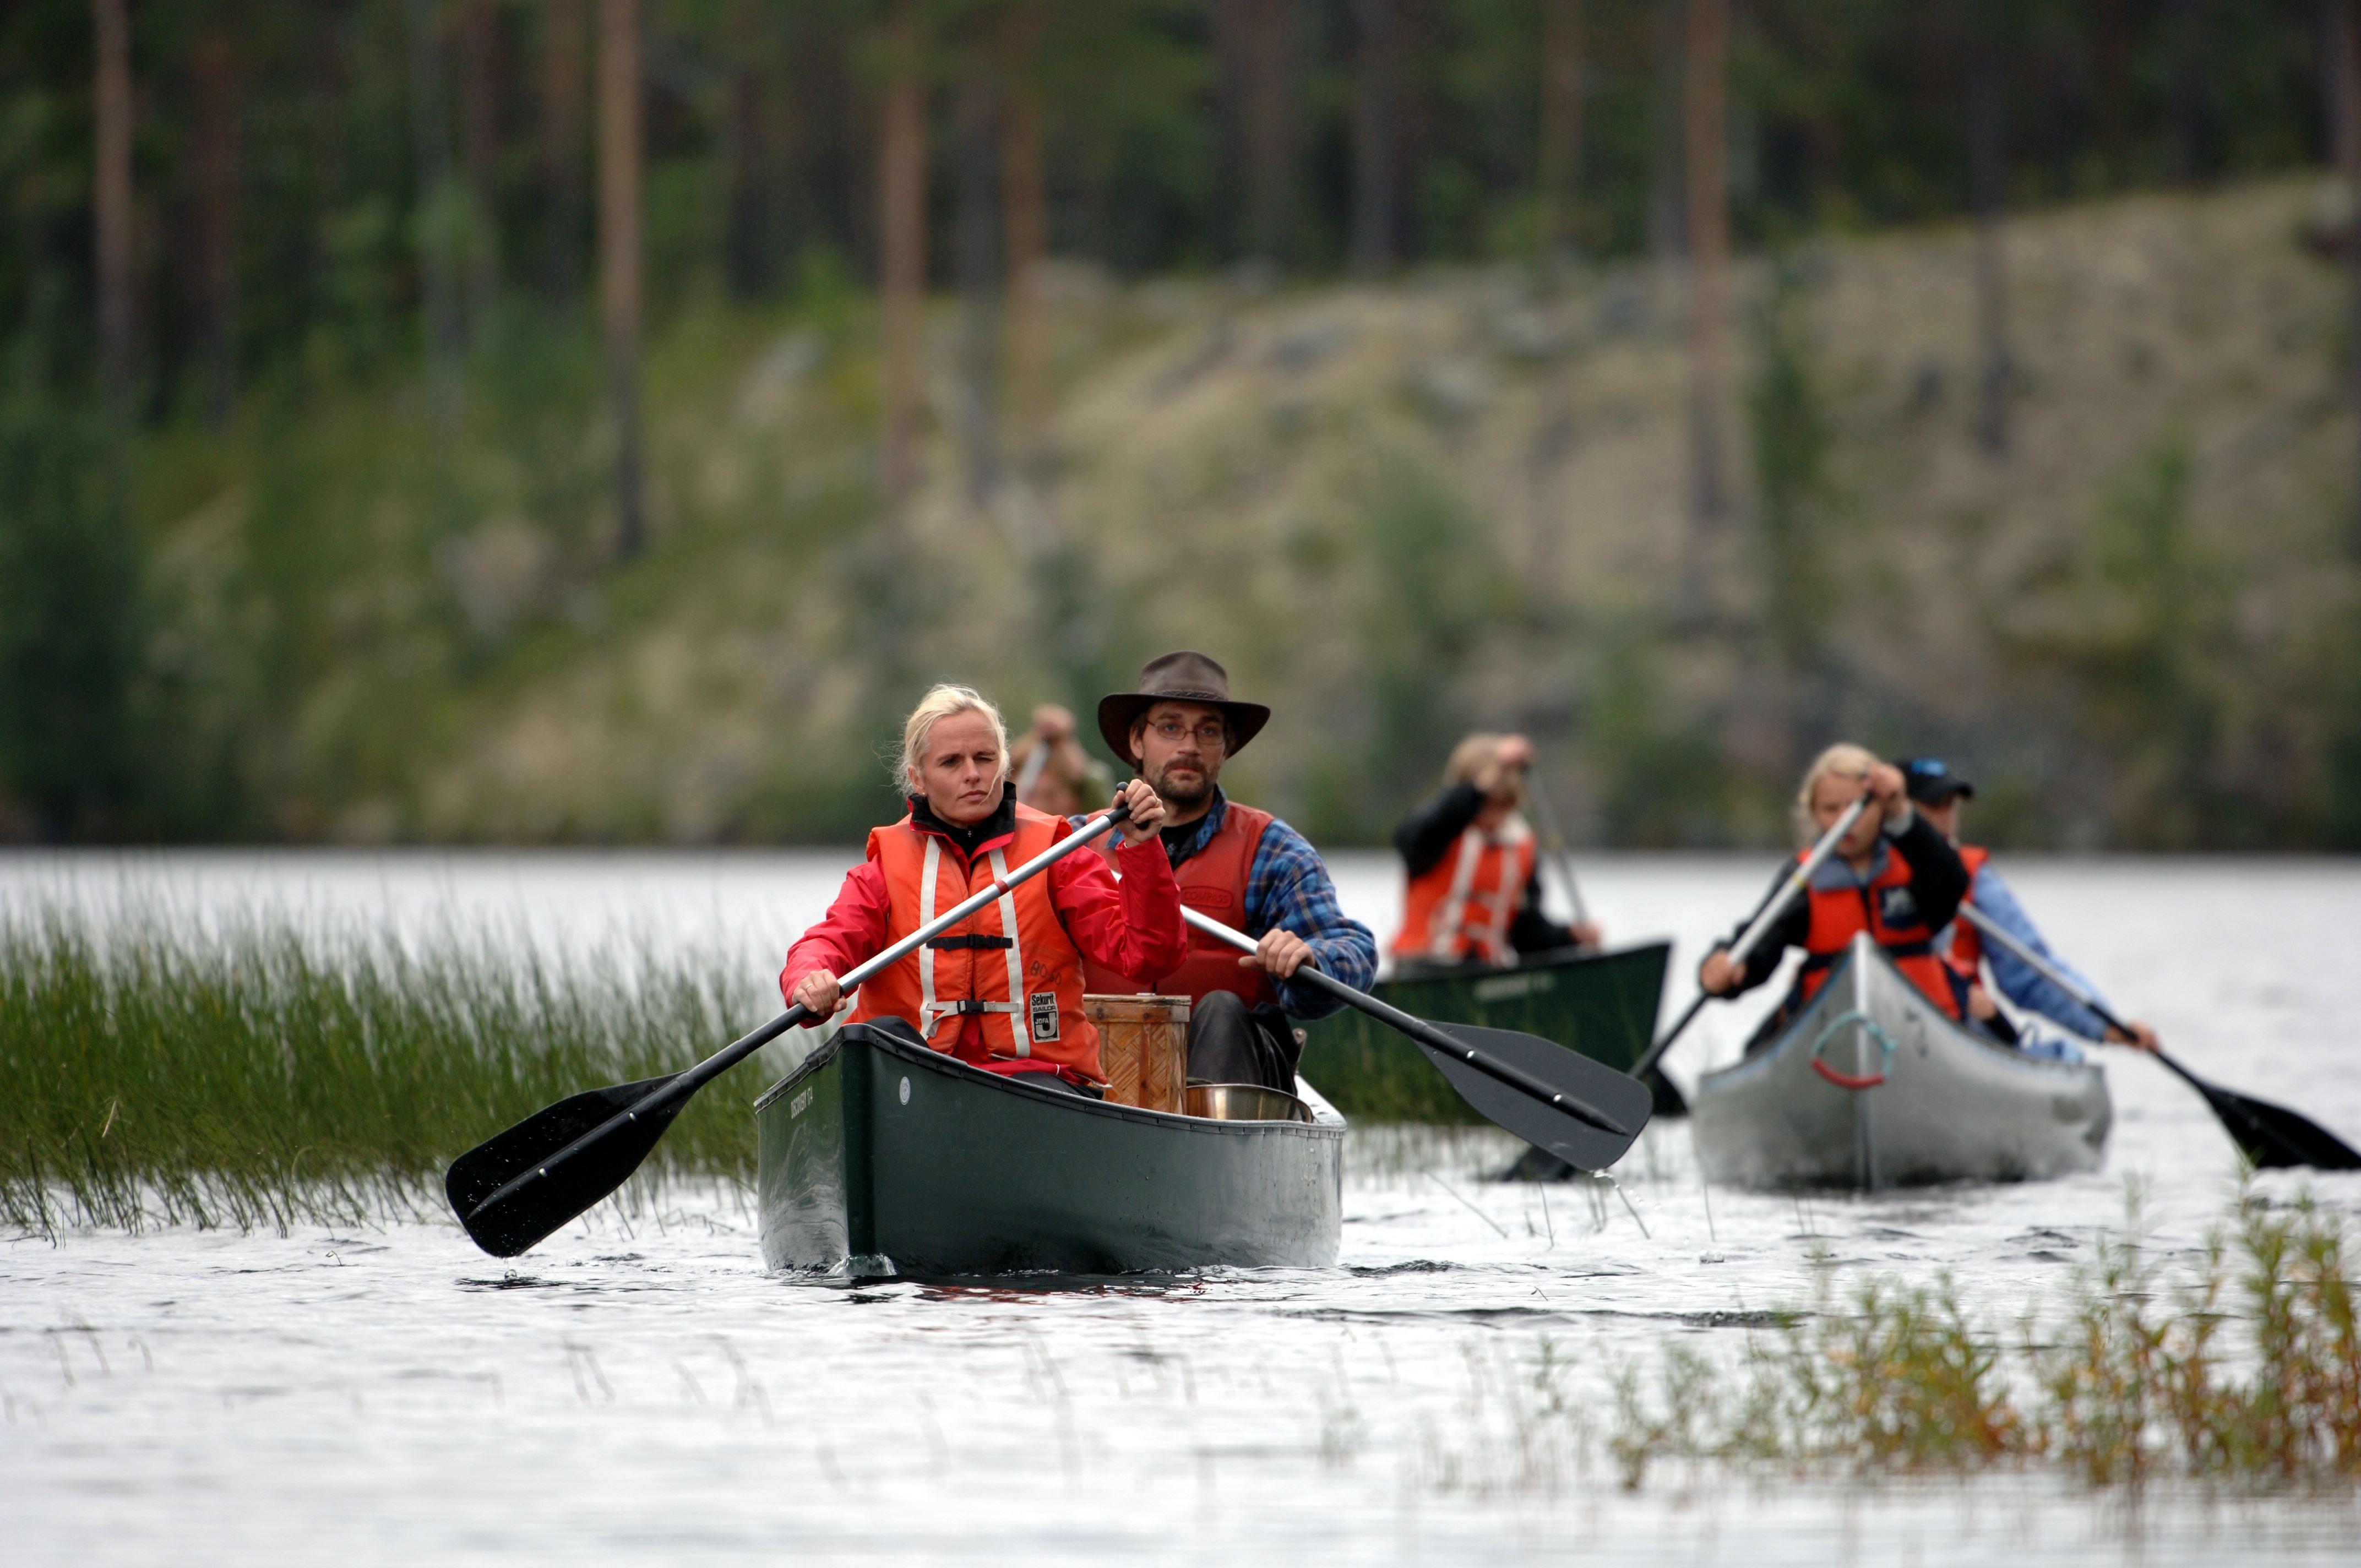 Älvdalens Camping & Fiskecenter